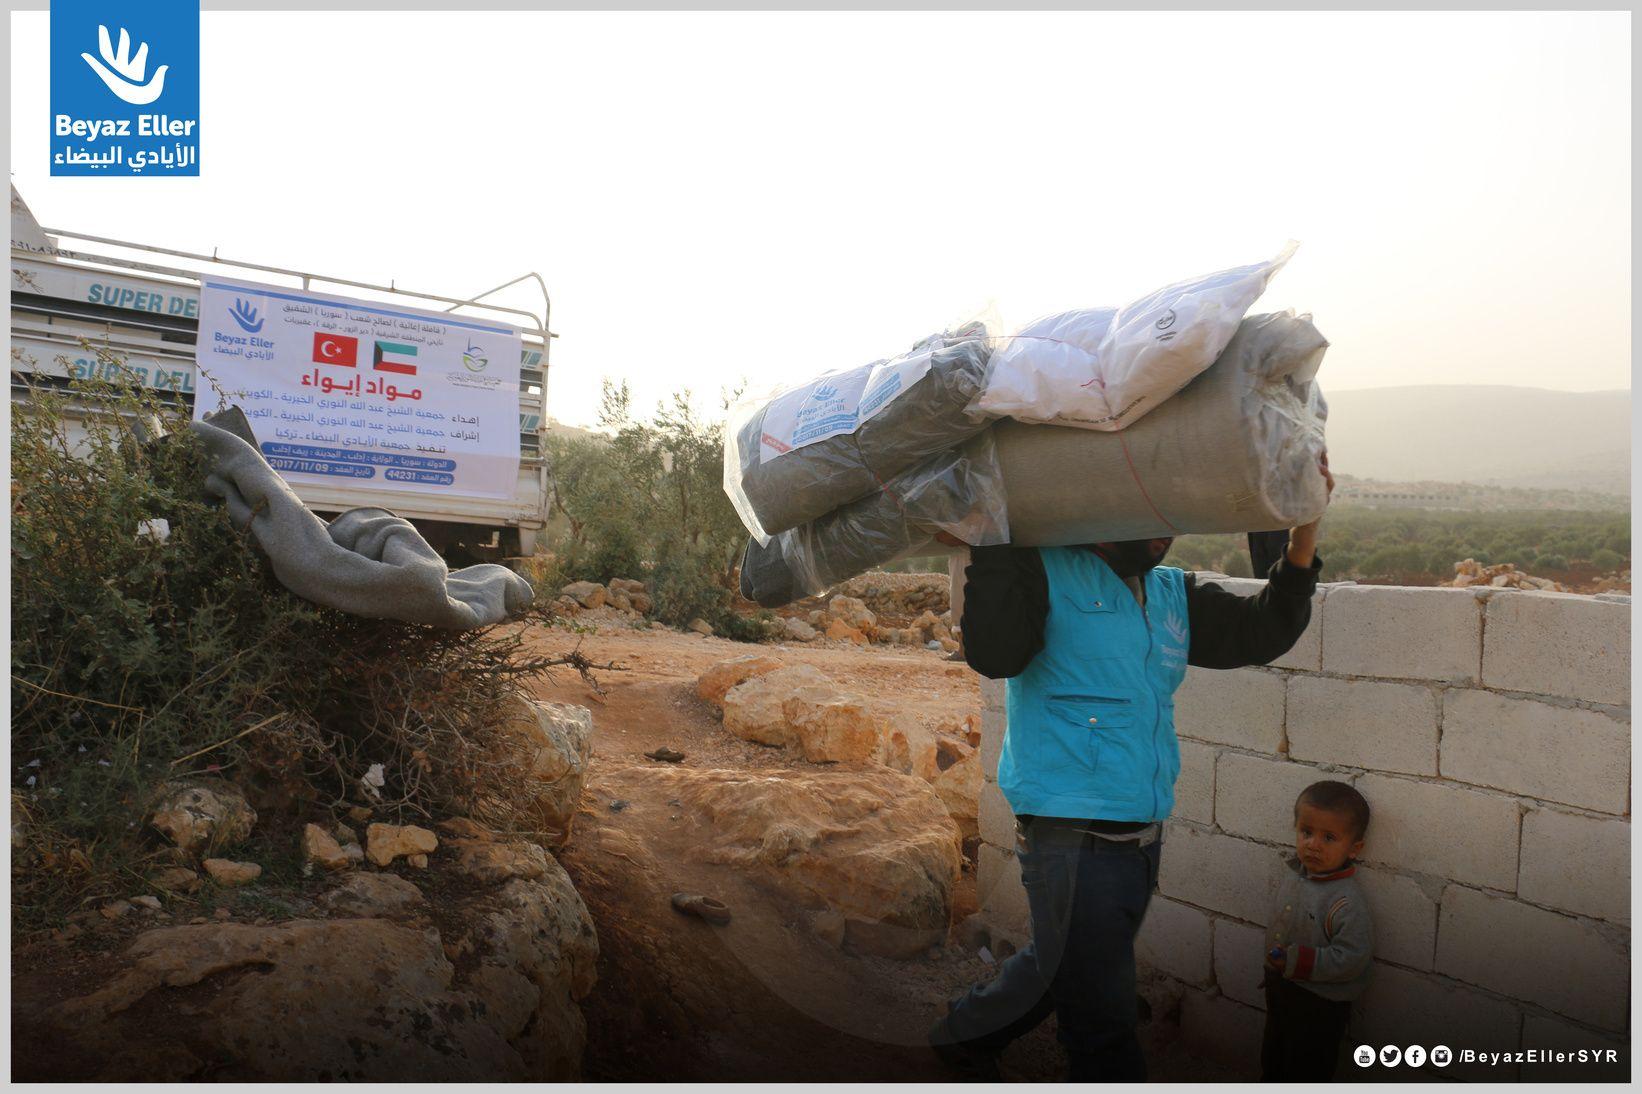 أن نكون معكم هو وعد قطعناه على أنفسنا فريق الأيادي البيضاء أثناء توزيع مواد إيواء في إدلب ضمن حملة دفء5 بدعم Alnouricharity رابط التبرع المباشر Https